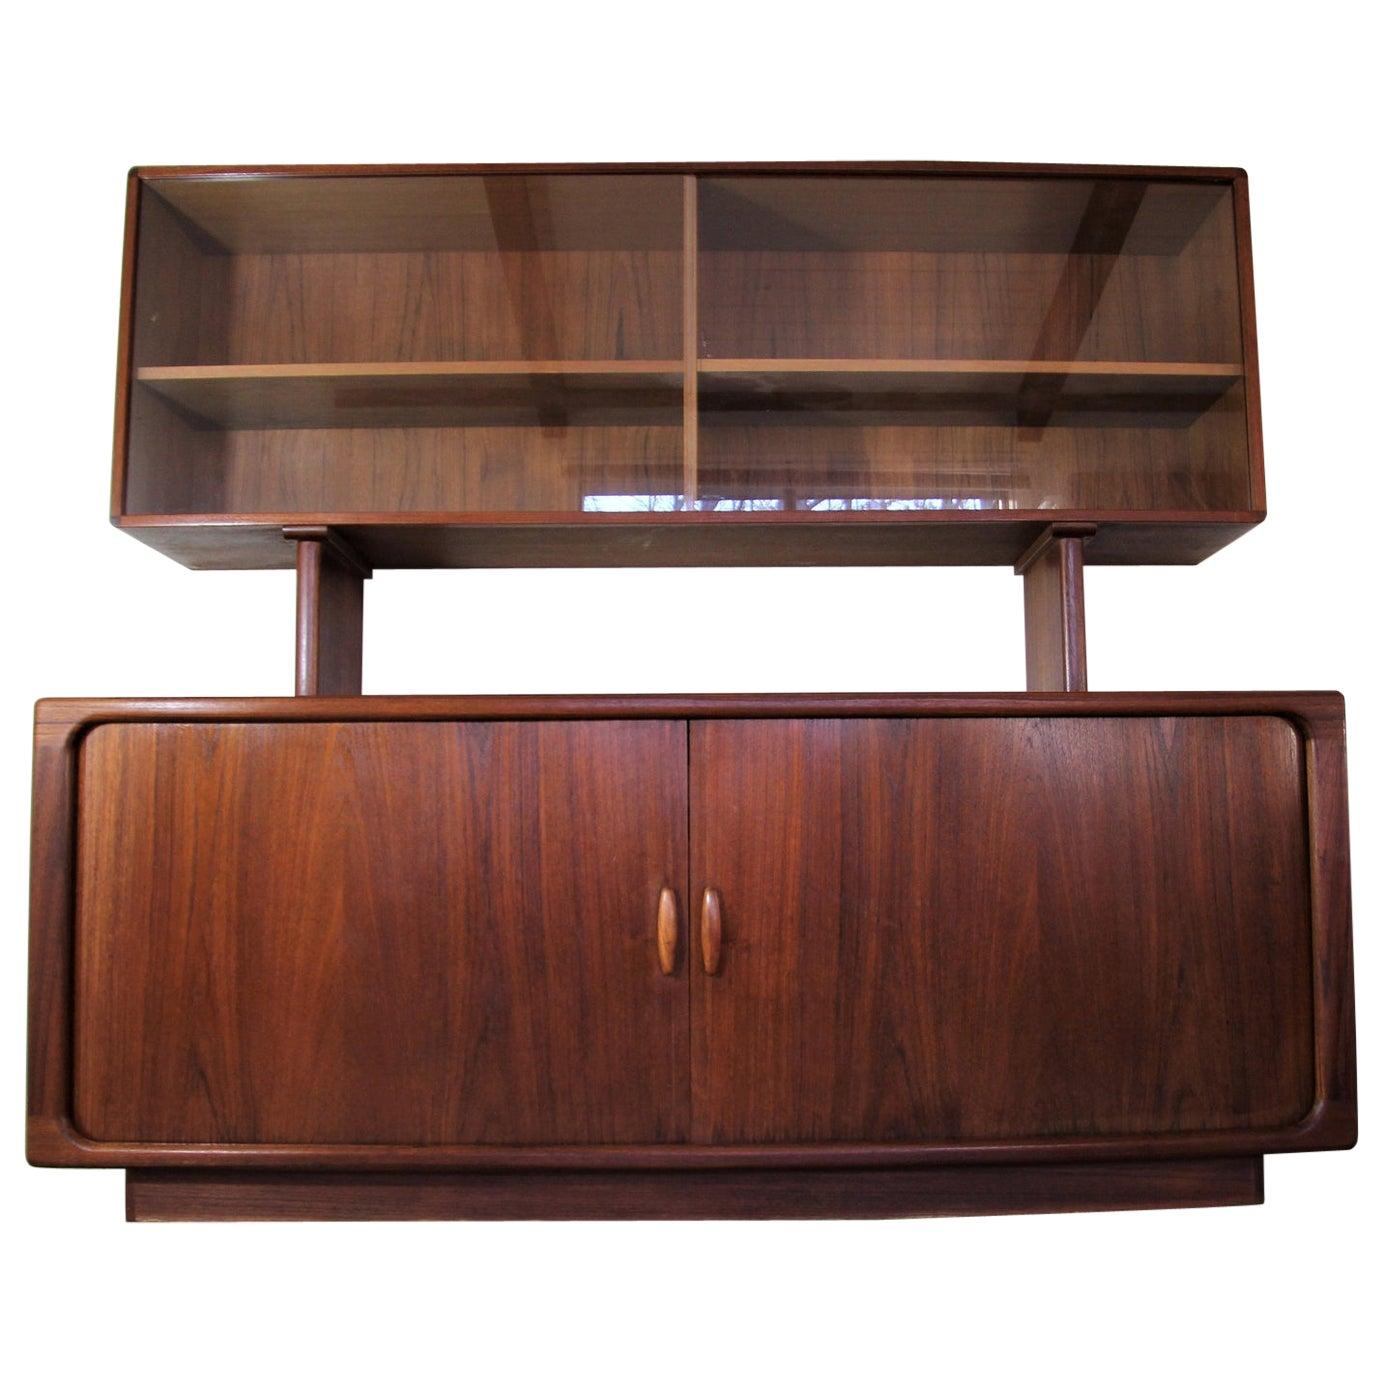 Mid Century Danish Modern Teak 2 Pc Credenza Hutch Cabinet by Dyrlund